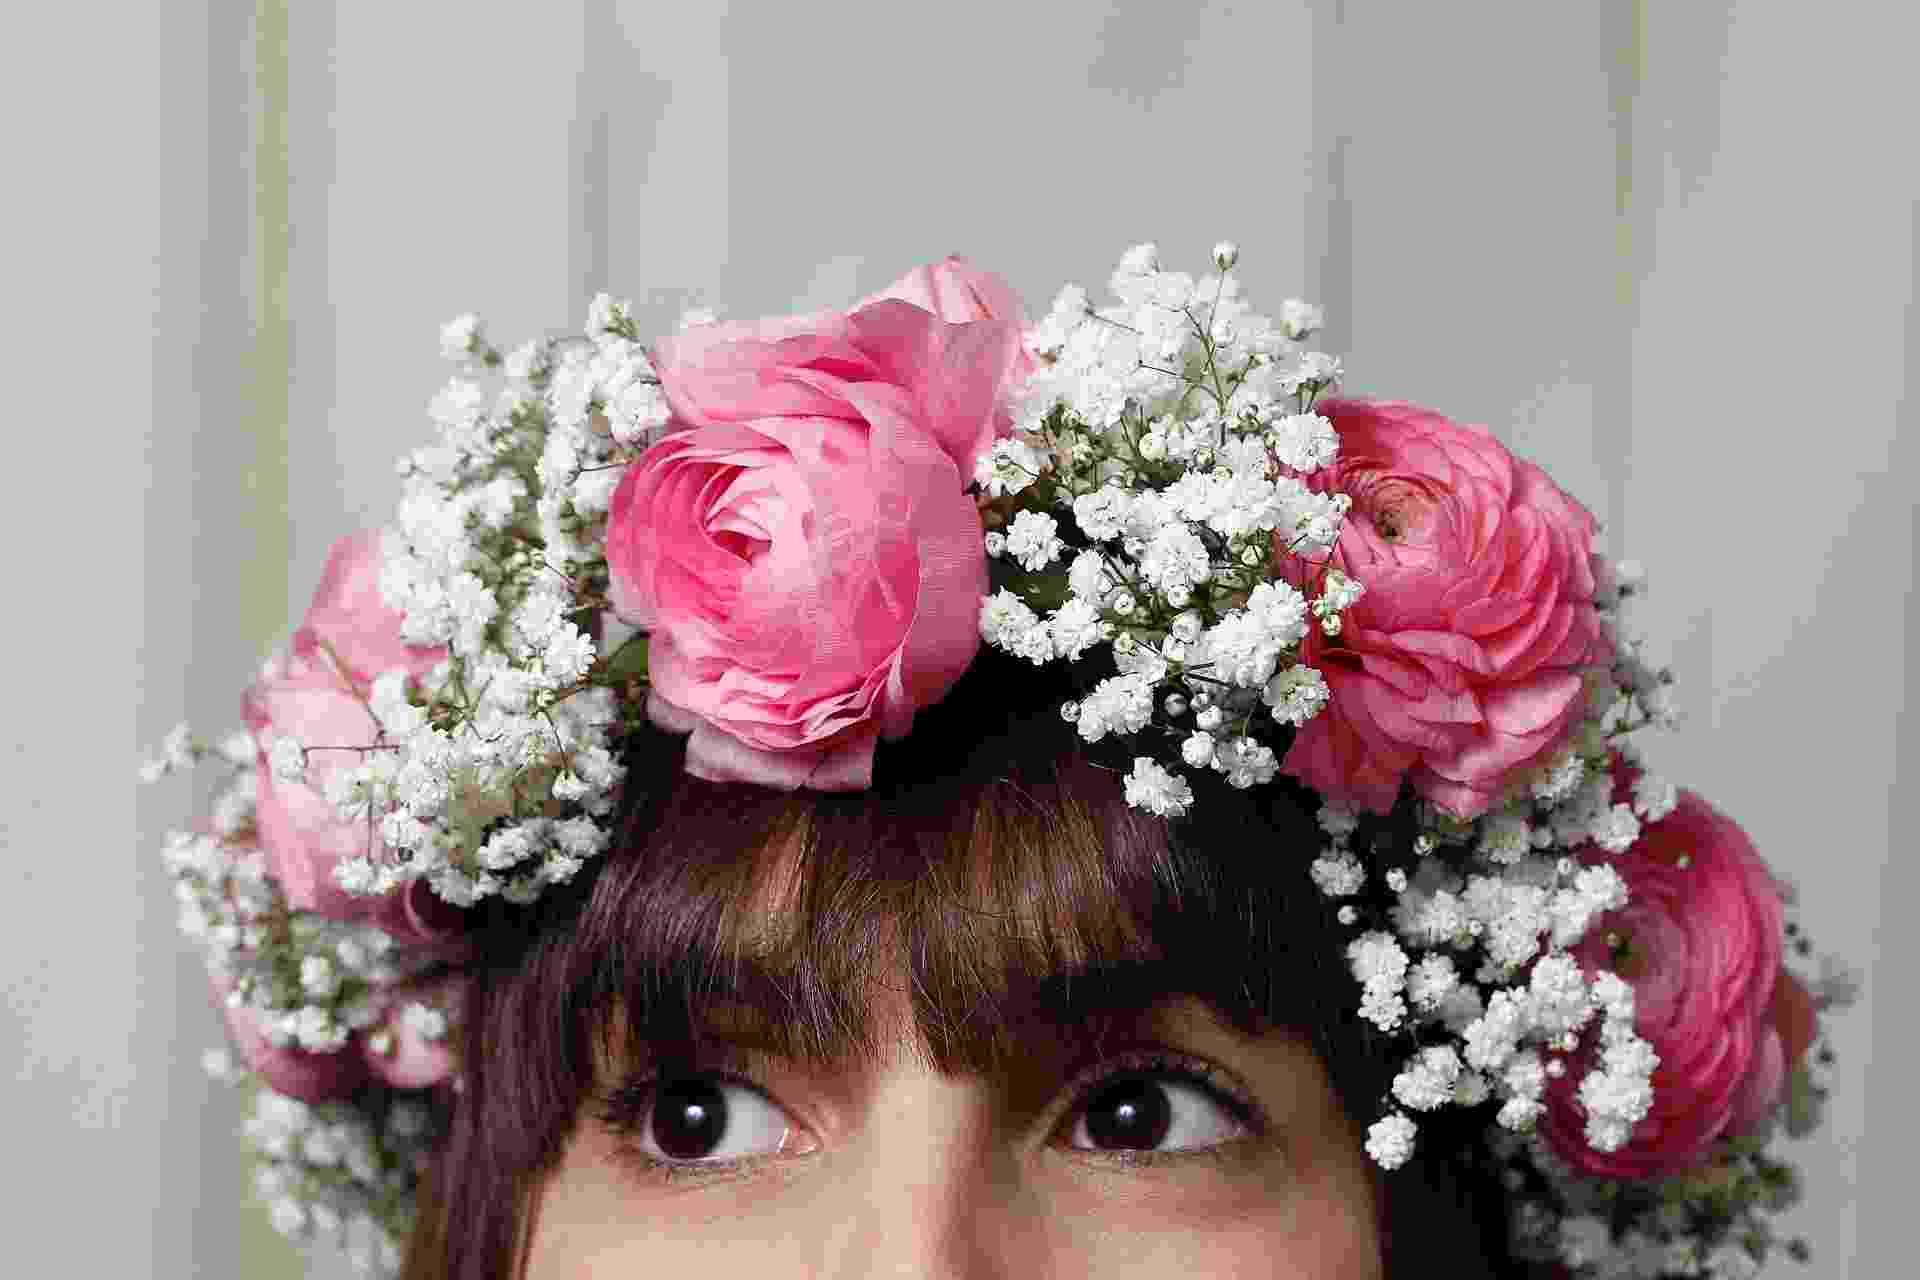 Passo a passo guirlanda de flores - Reinaldo Canato/UOL